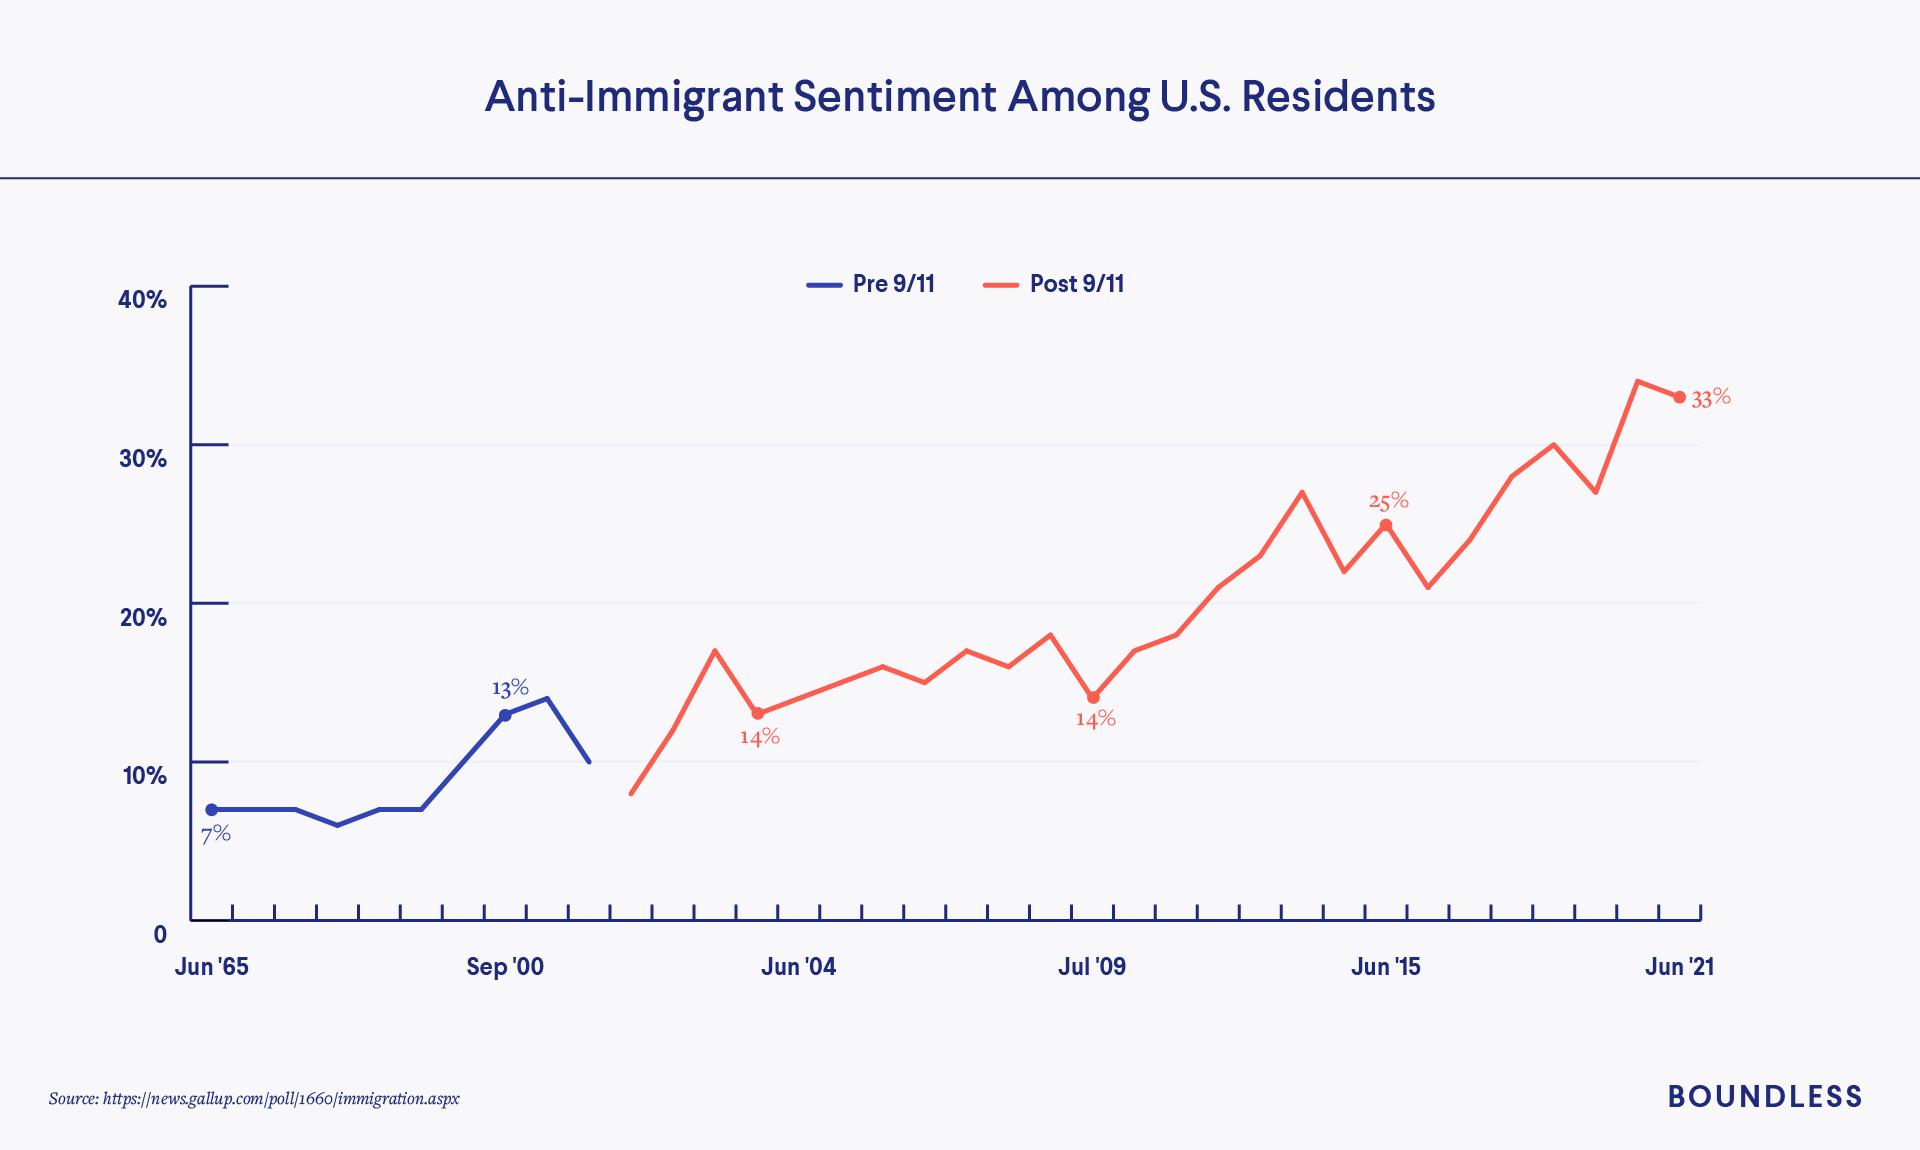 Anti-Immigrant Sentiment in US